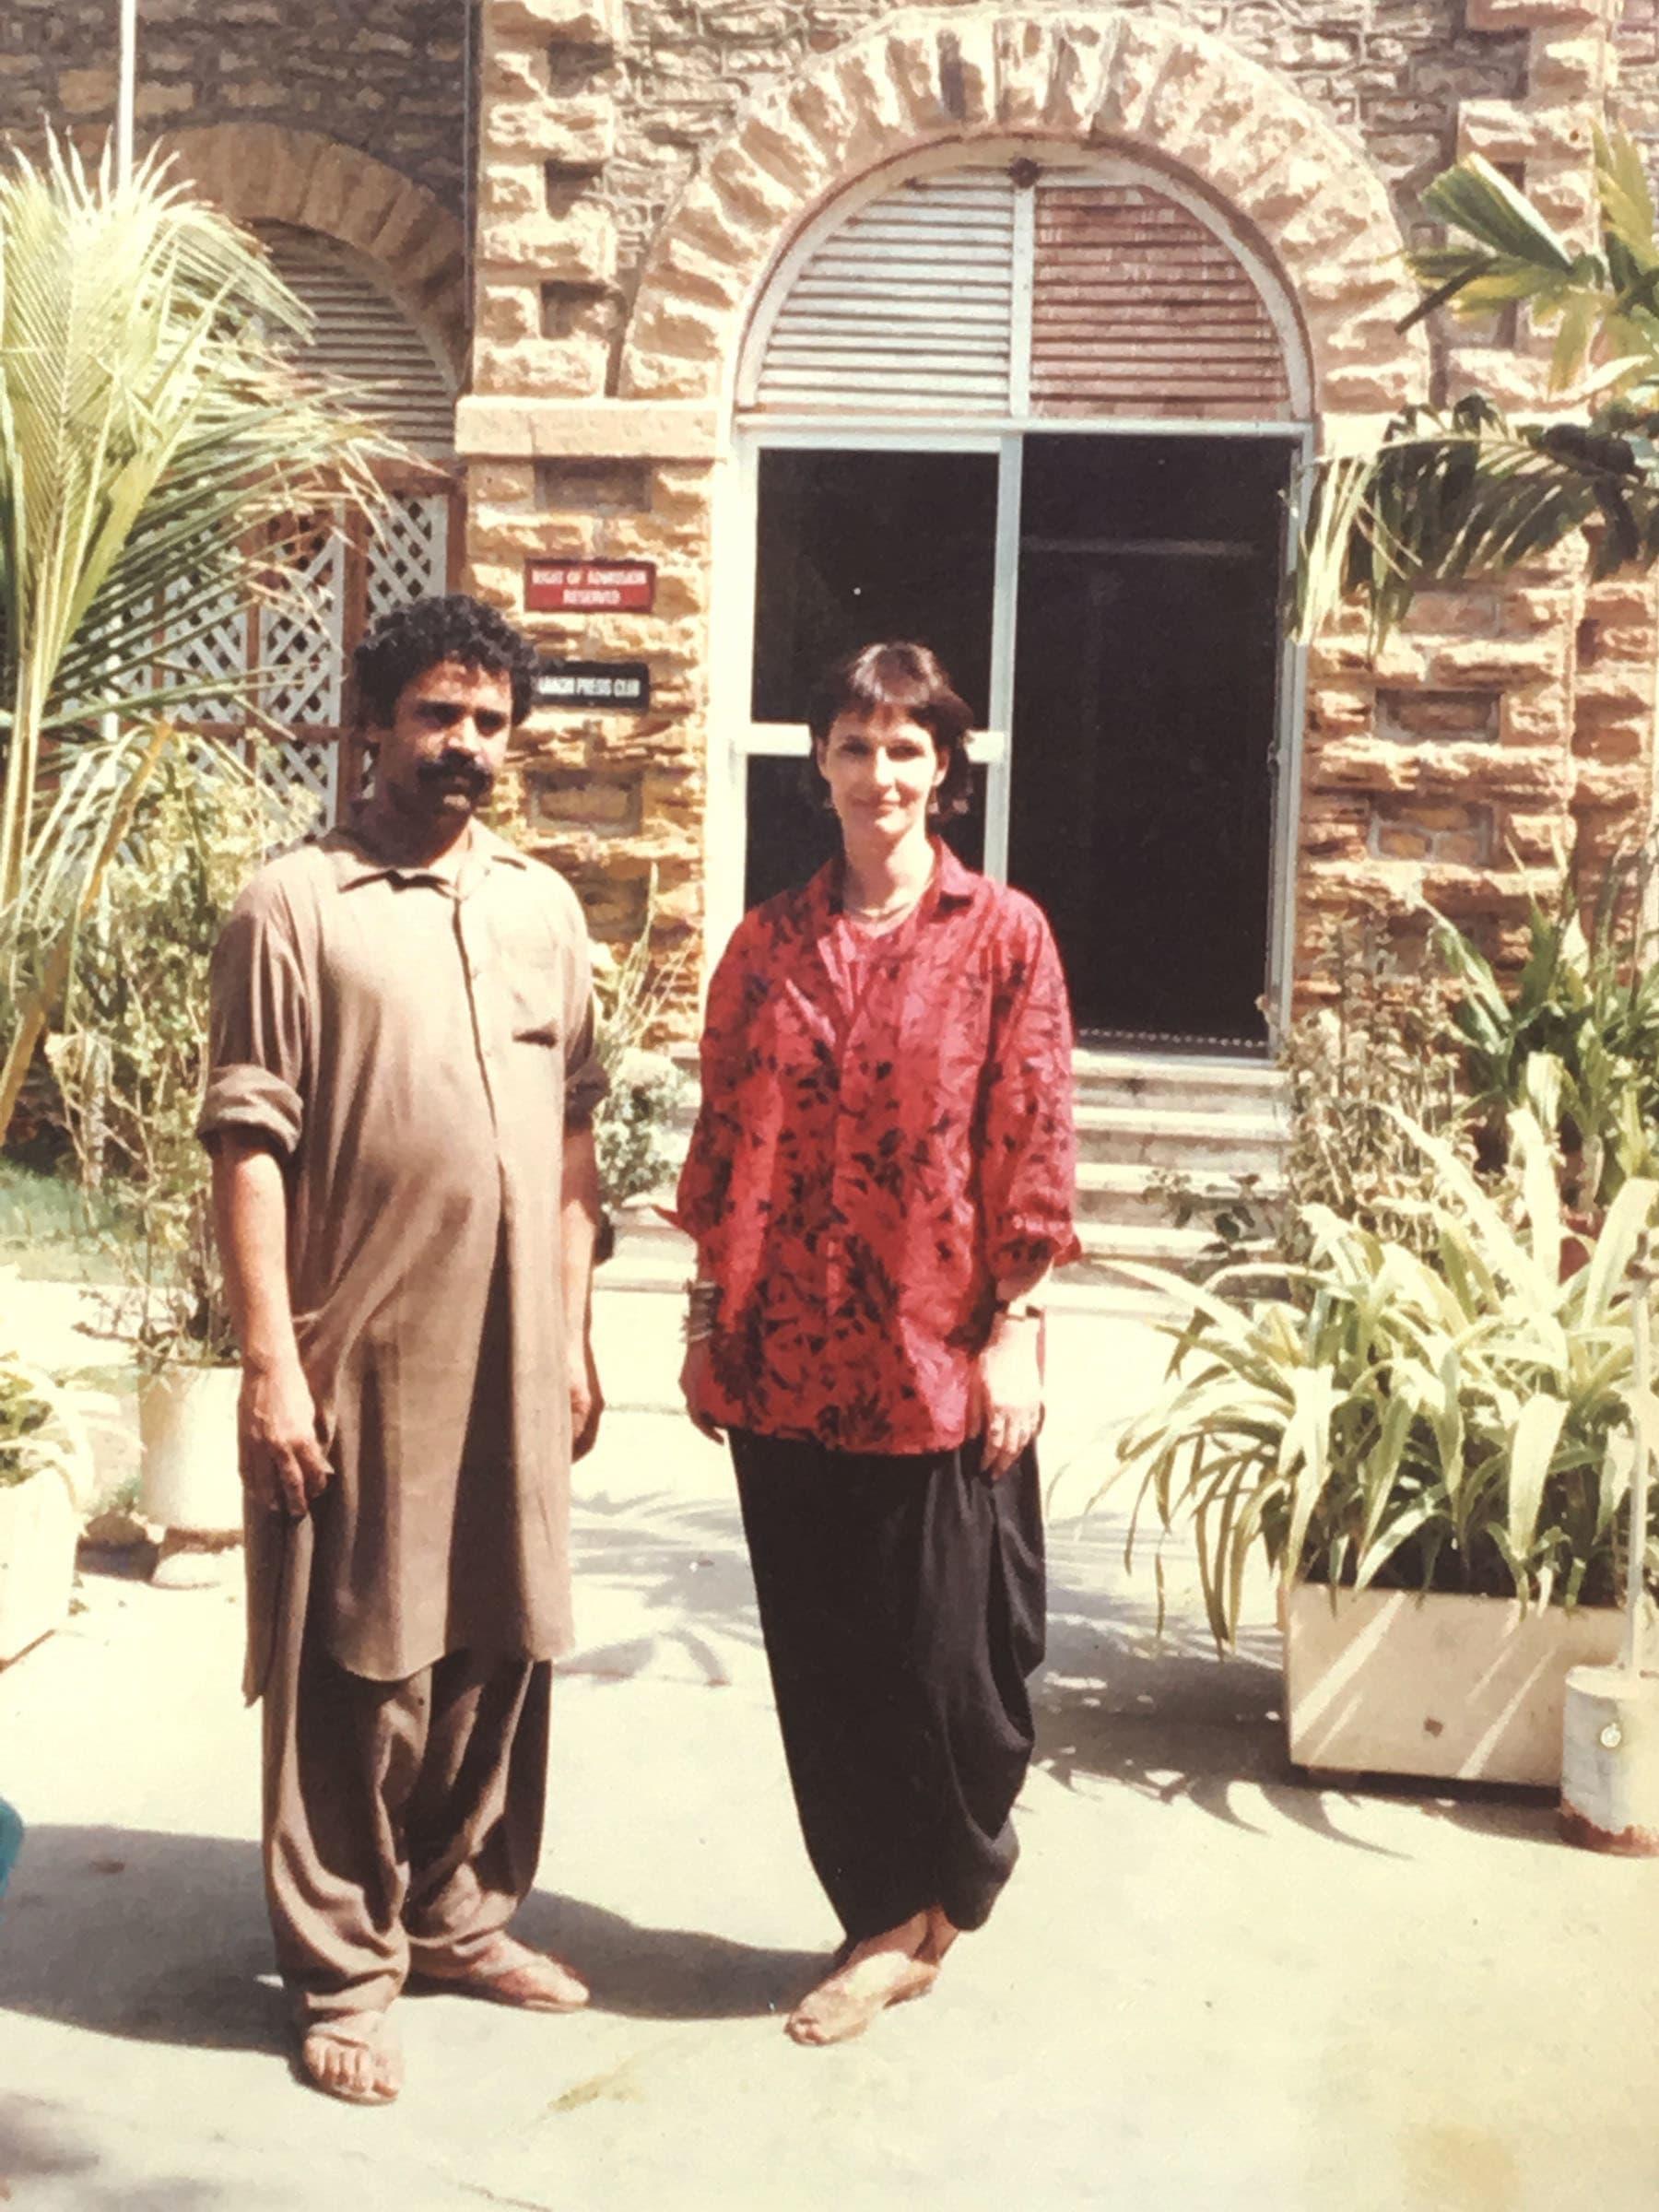 ستار ایک غیر ملکی صحافی کے ساتھ۔ سن نامعلوم۔